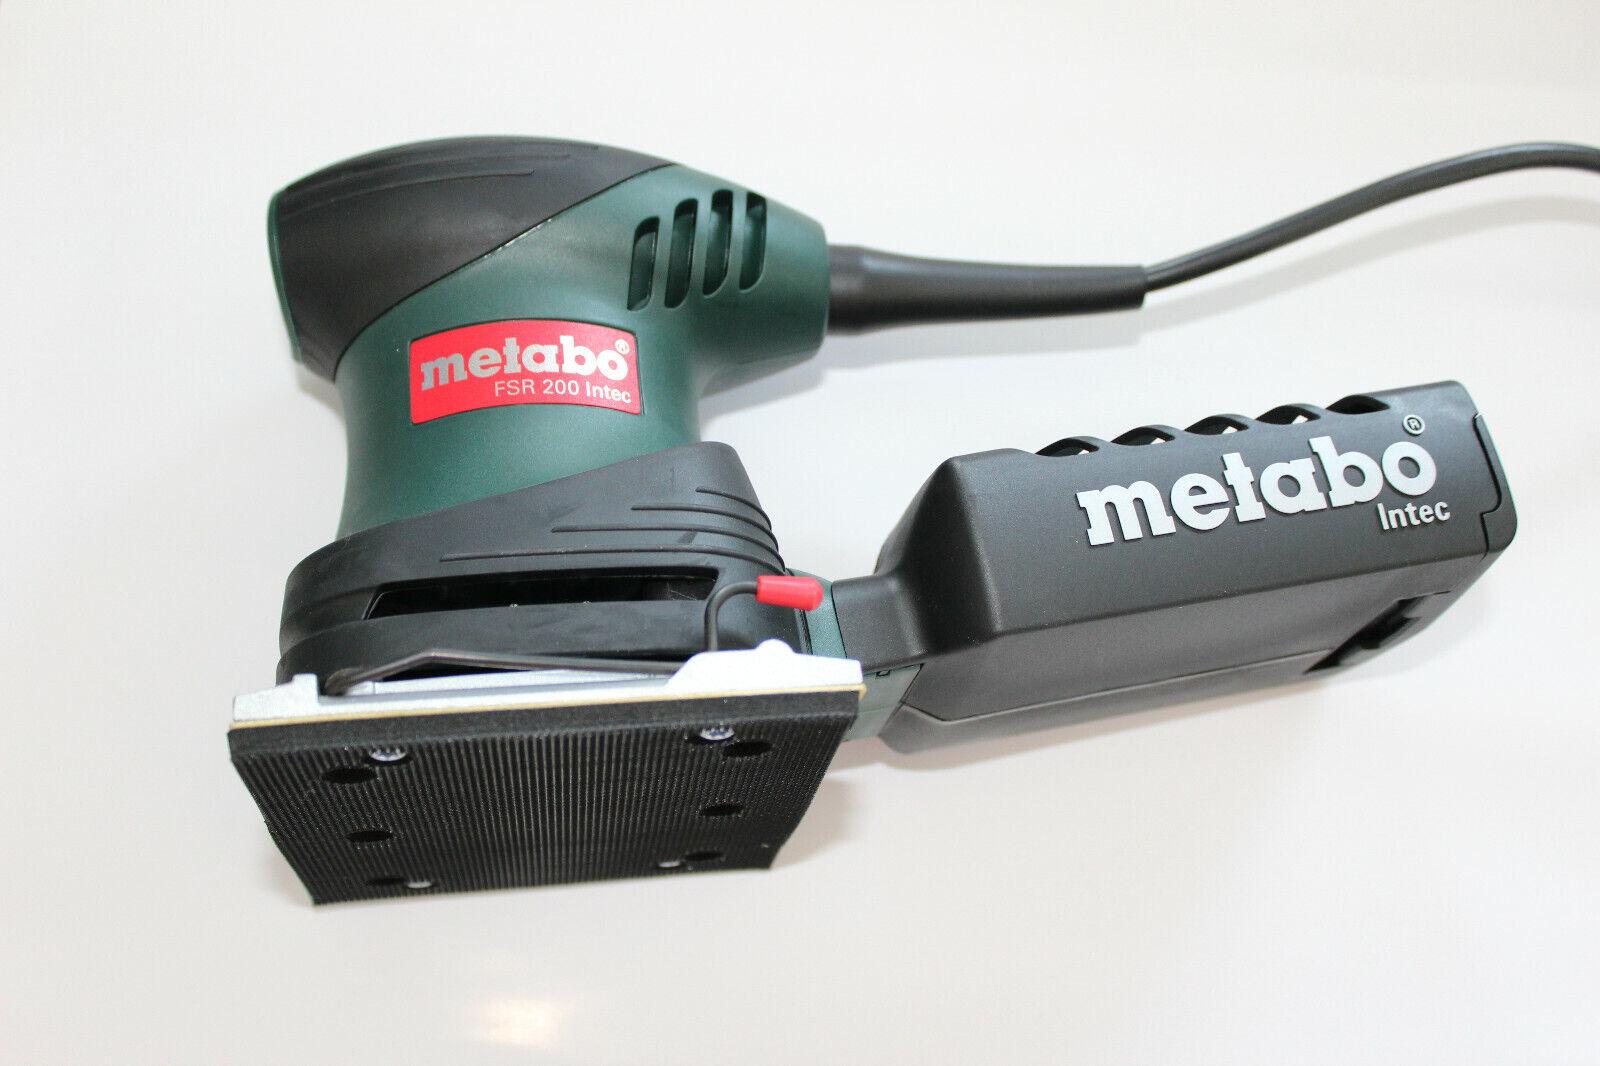 Metabo FSR 200 Intec Fäustlingssander 26000  min  114 x 102 mm 1,3kg (600066500)